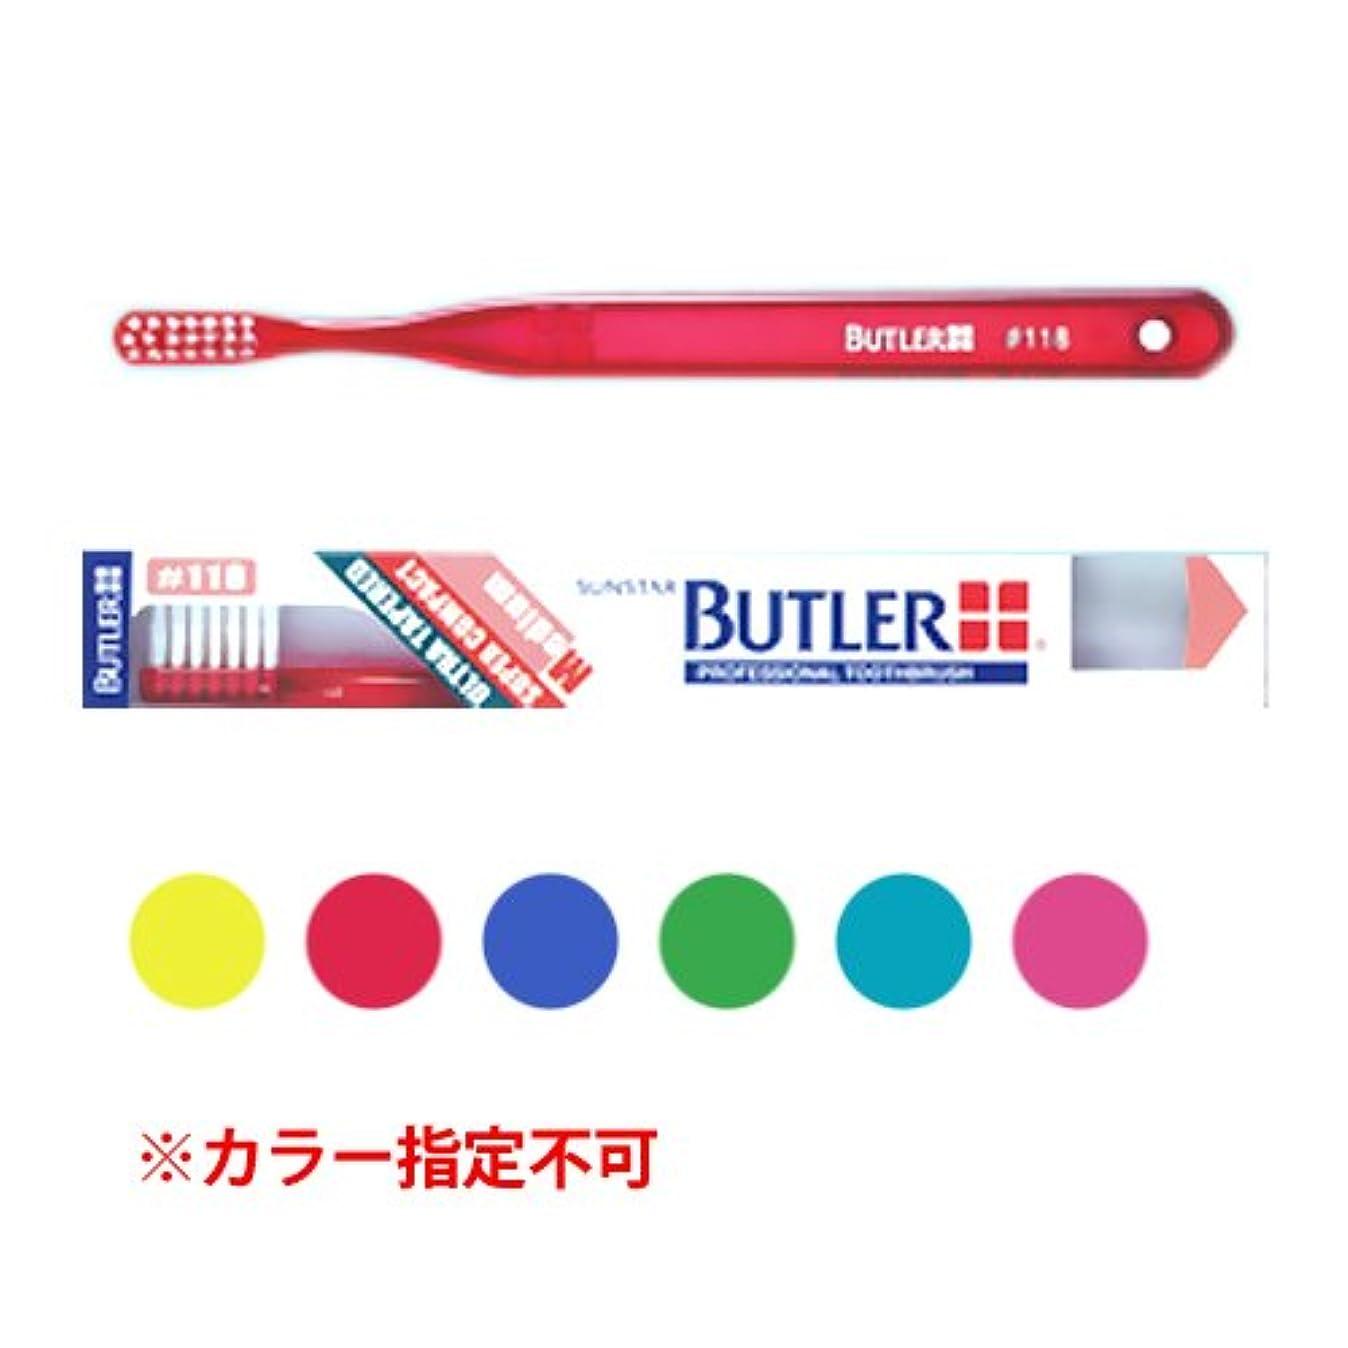 フォルダ追放する変装したバトラー 歯ブラシ 1本 #118